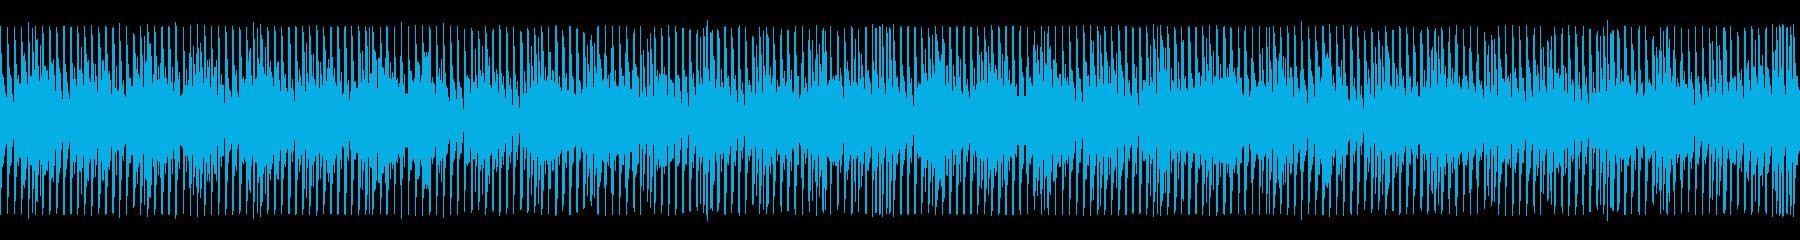 ラミーなアイコ メロなし ループ仕様の再生済みの波形